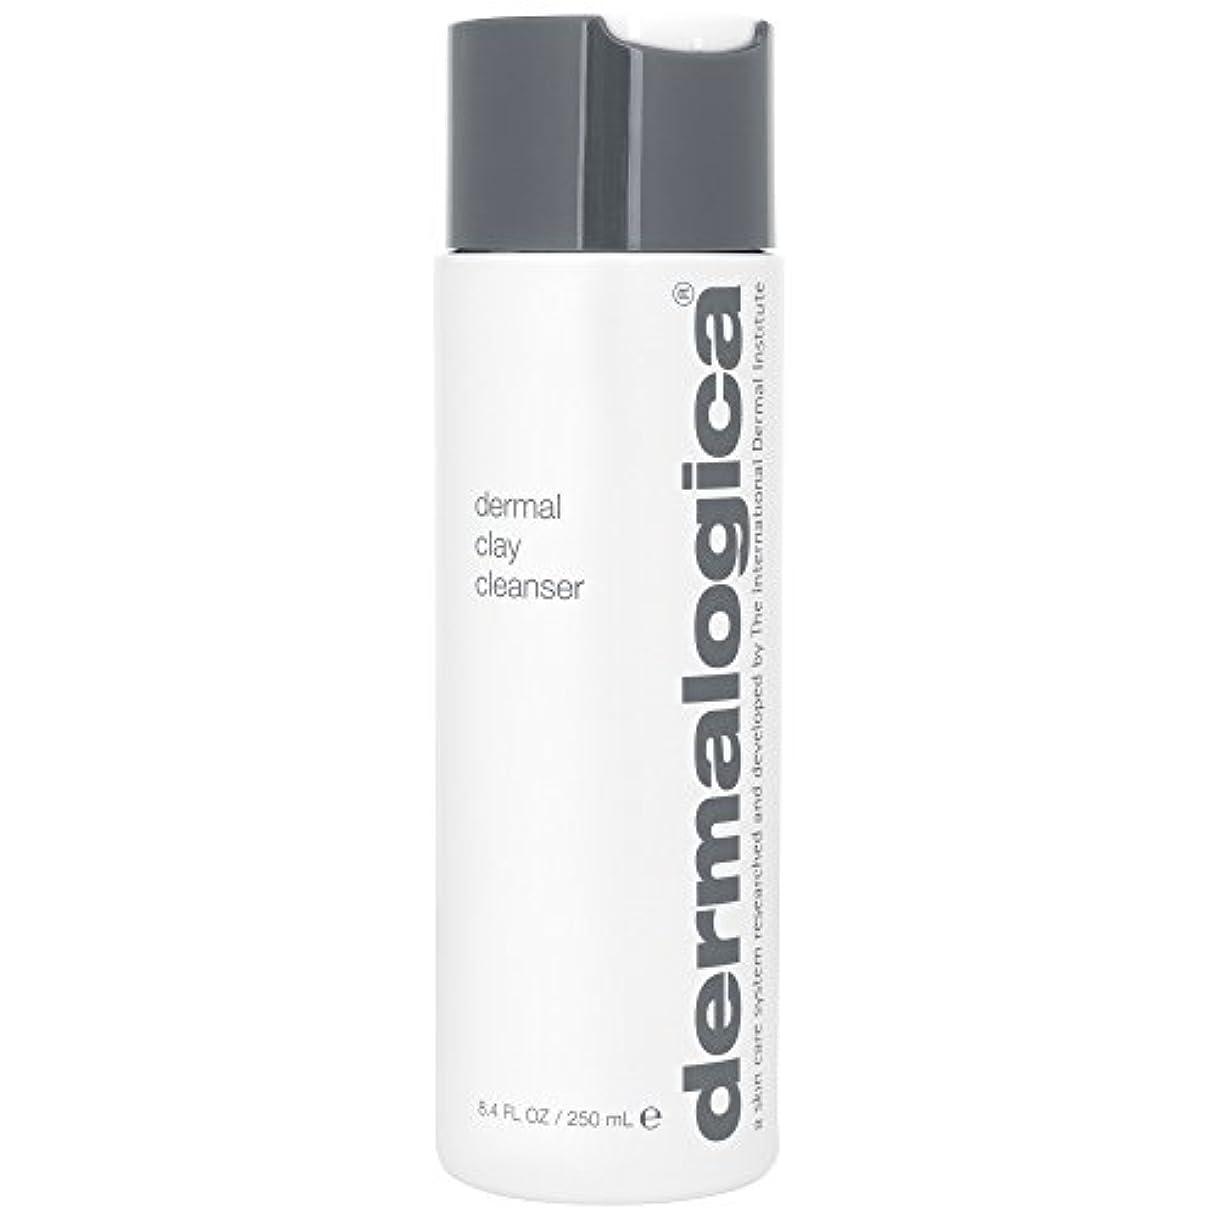 幸運なトラフィック宴会ダーマロジカ真皮クレイクレンザー250ミリリットル (Dermalogica) (x6) - Dermalogica Dermal Clay Cleanser 250ml (Pack of 6) [並行輸入品]